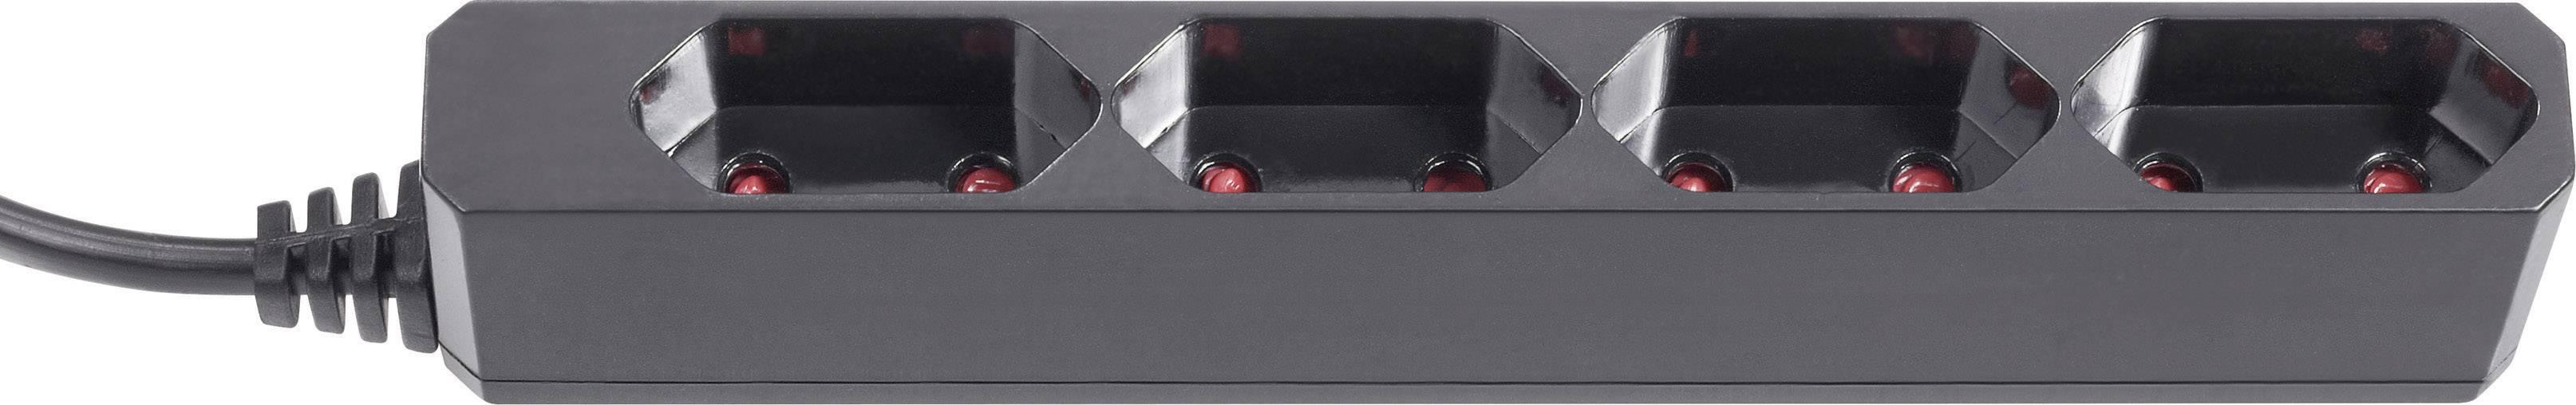 Zásuvková lišta (euro), 4 zásuvky, 1.5m kábel, čierna